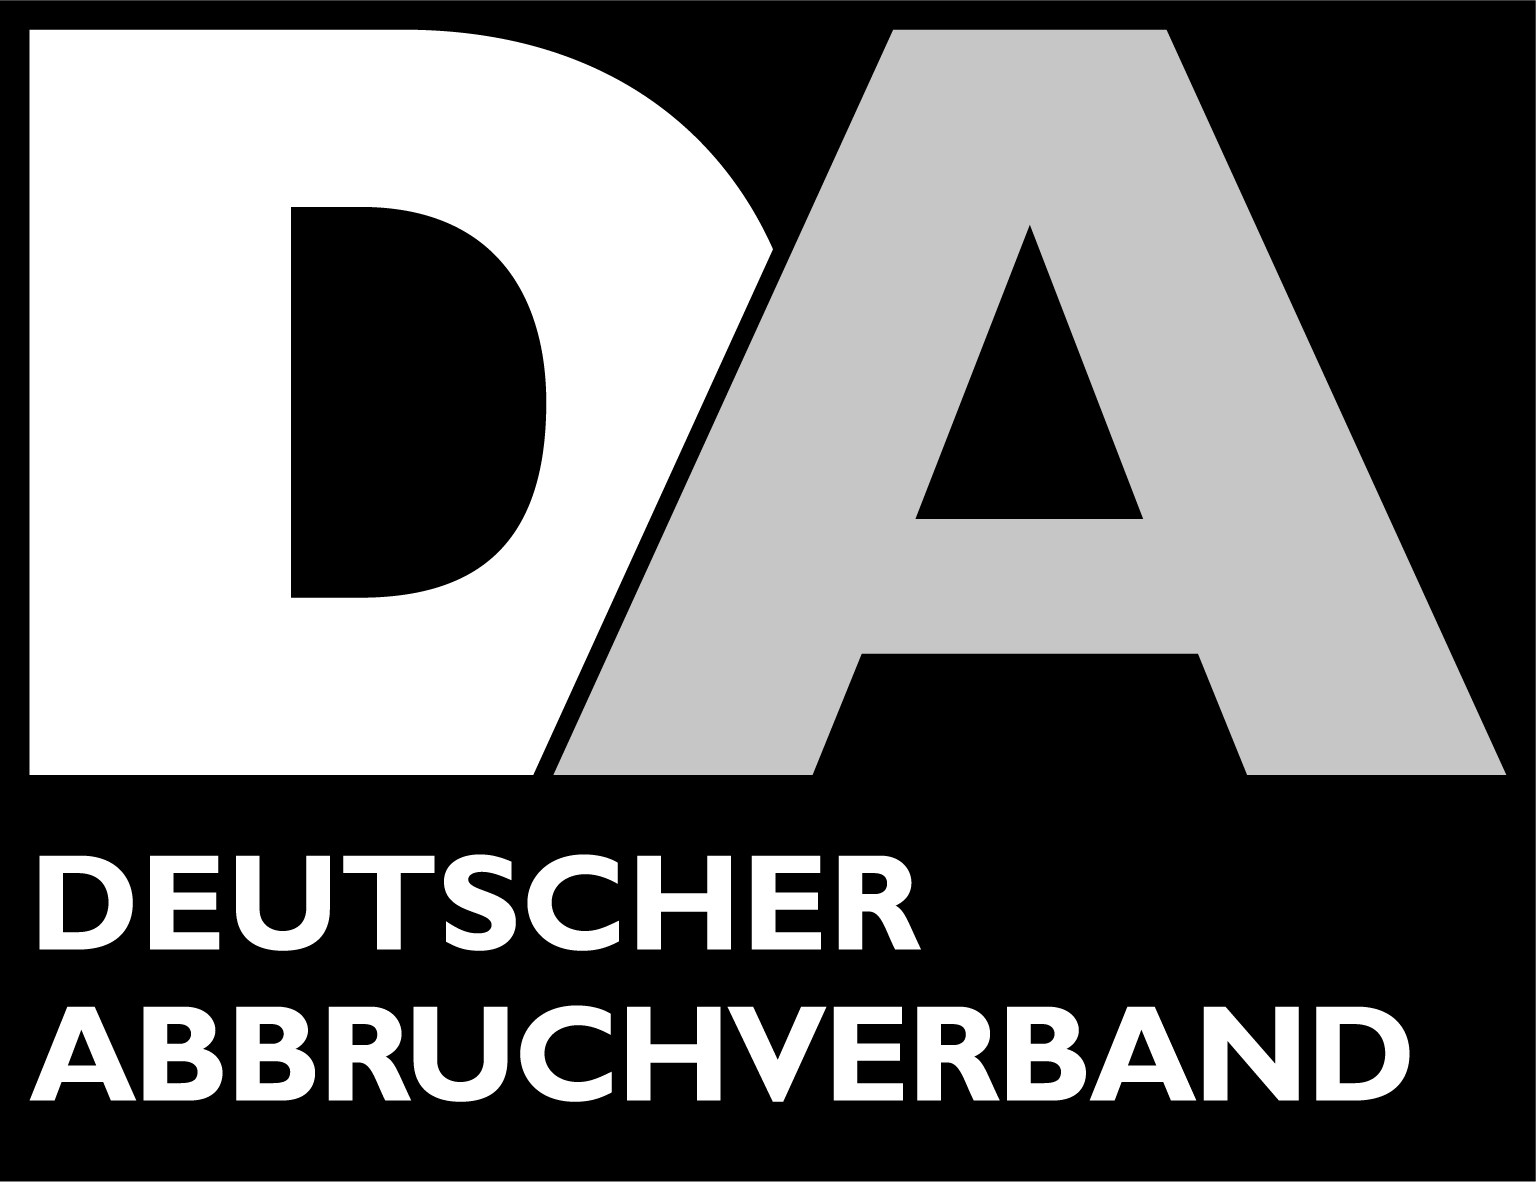 Mitglied im deutschen Abbruchverband